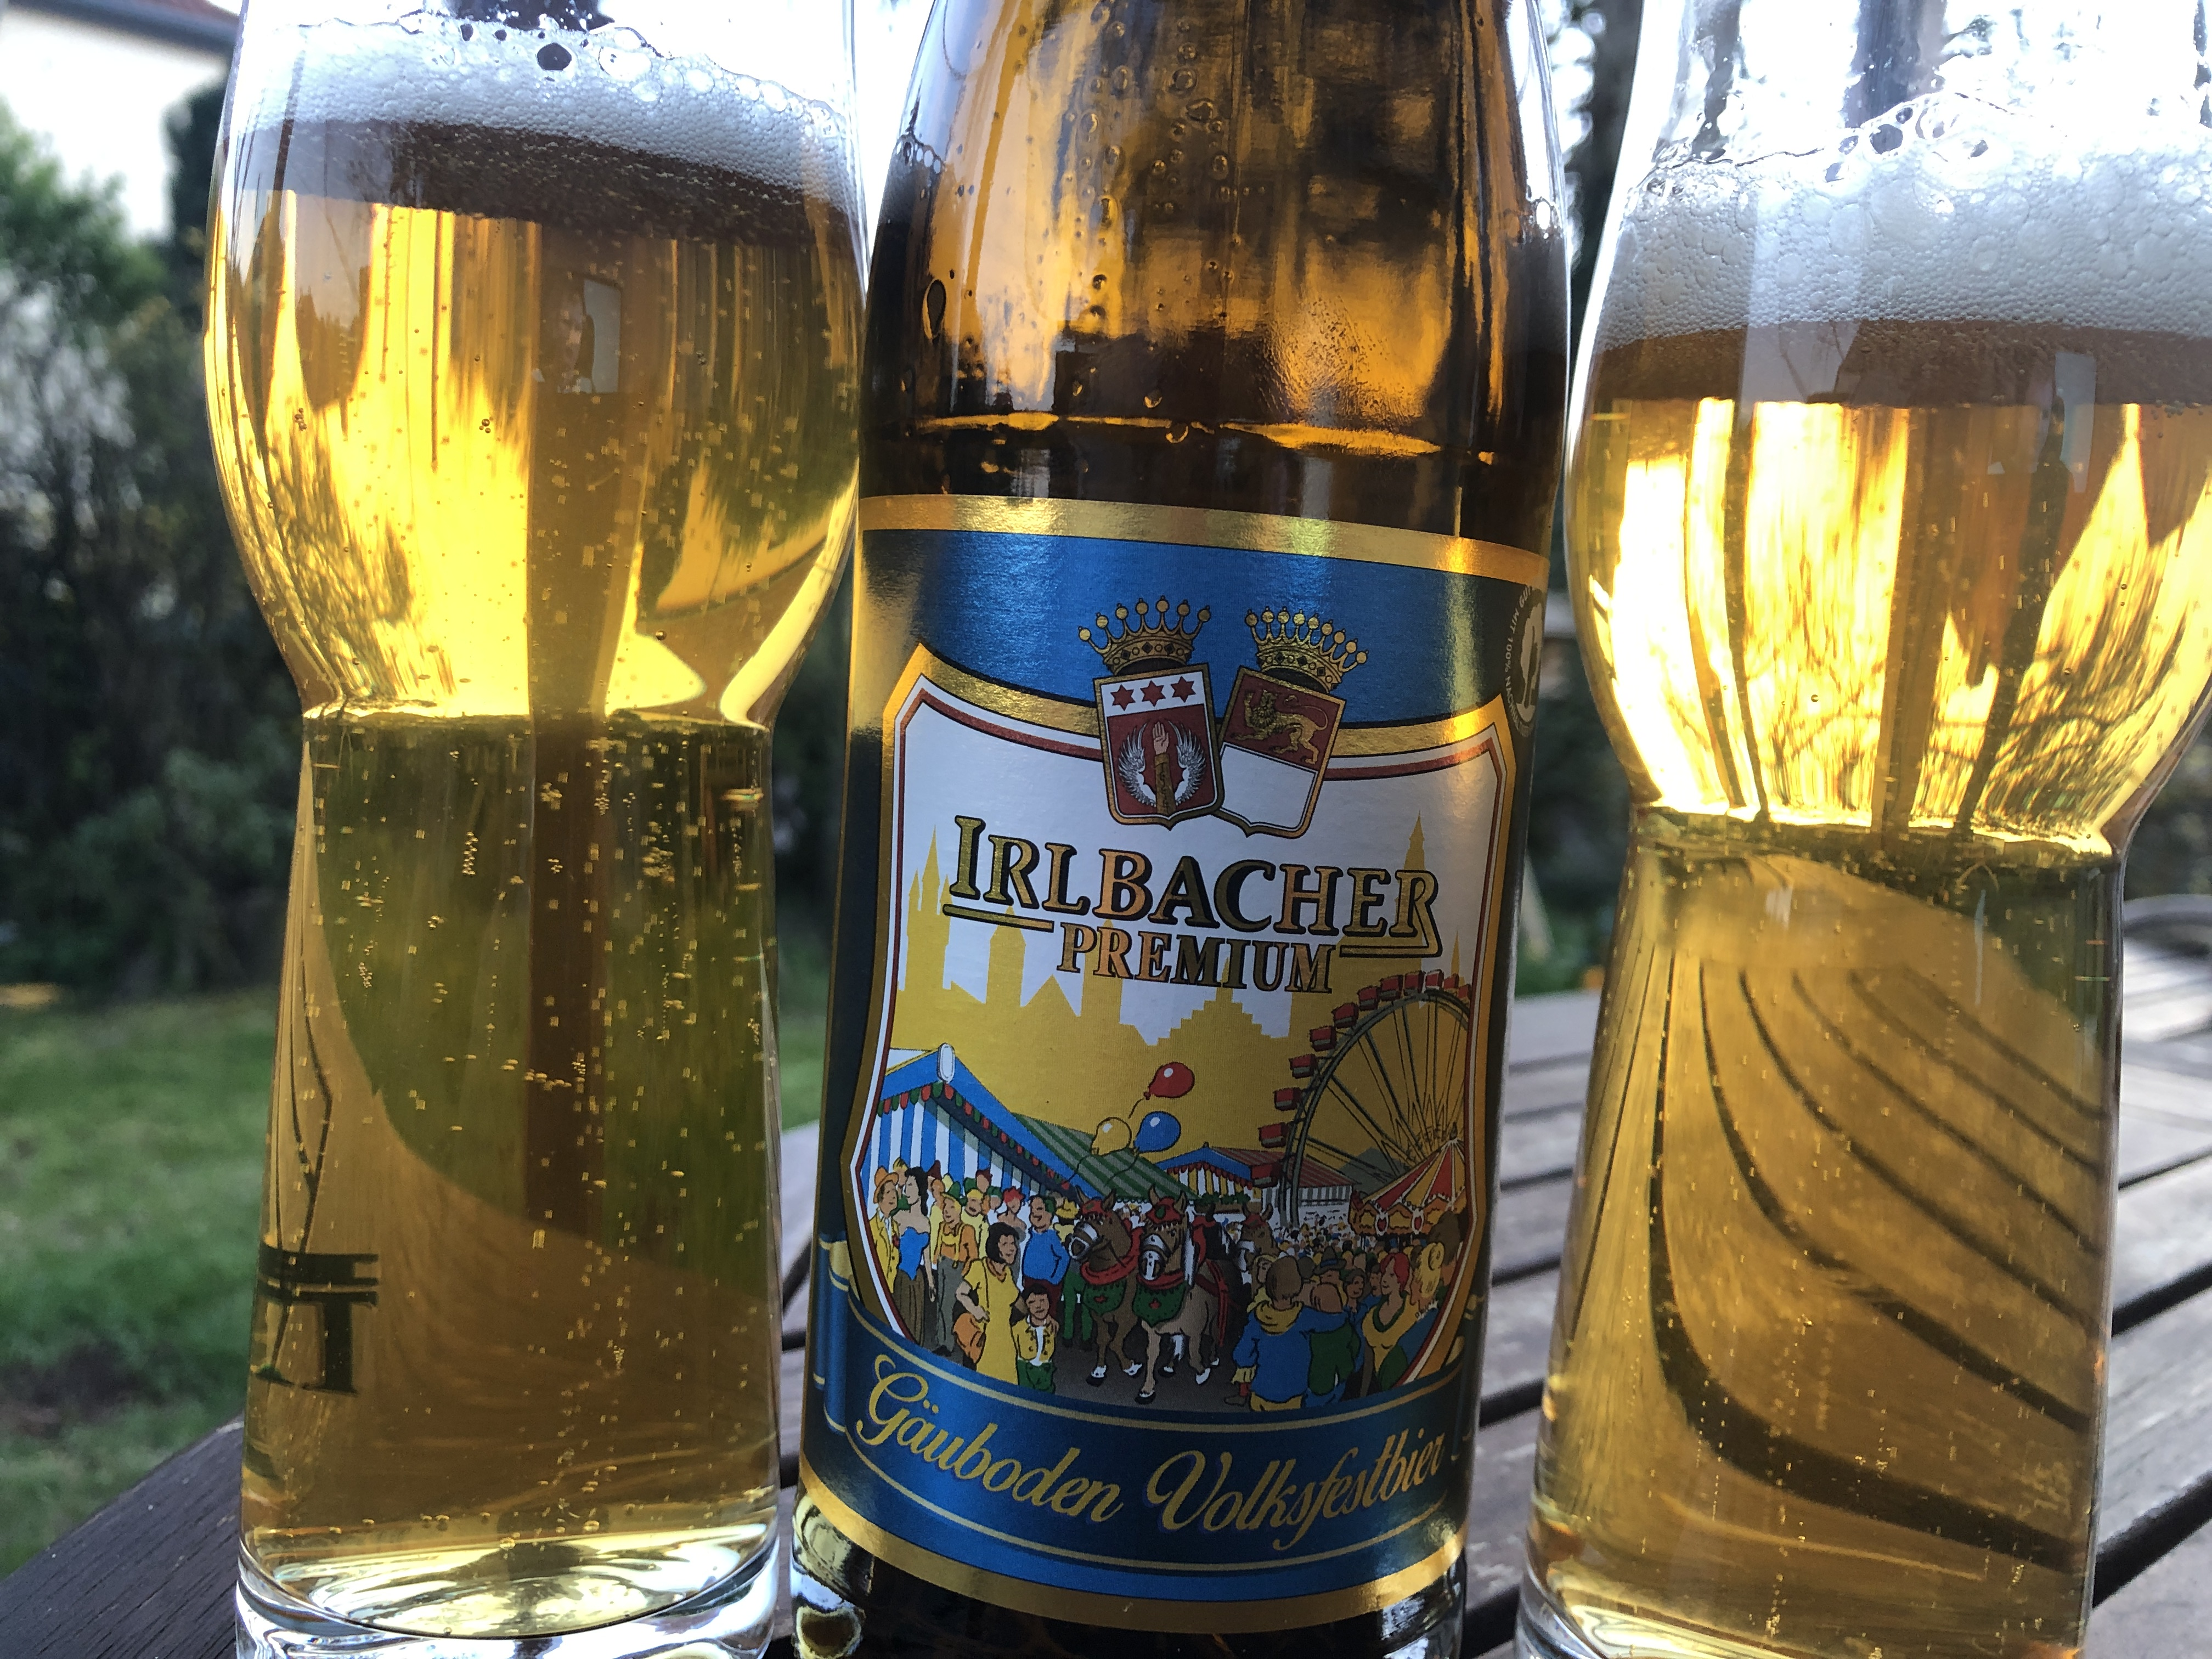 Irlbacher Premium Gäuboden Volksfestbier